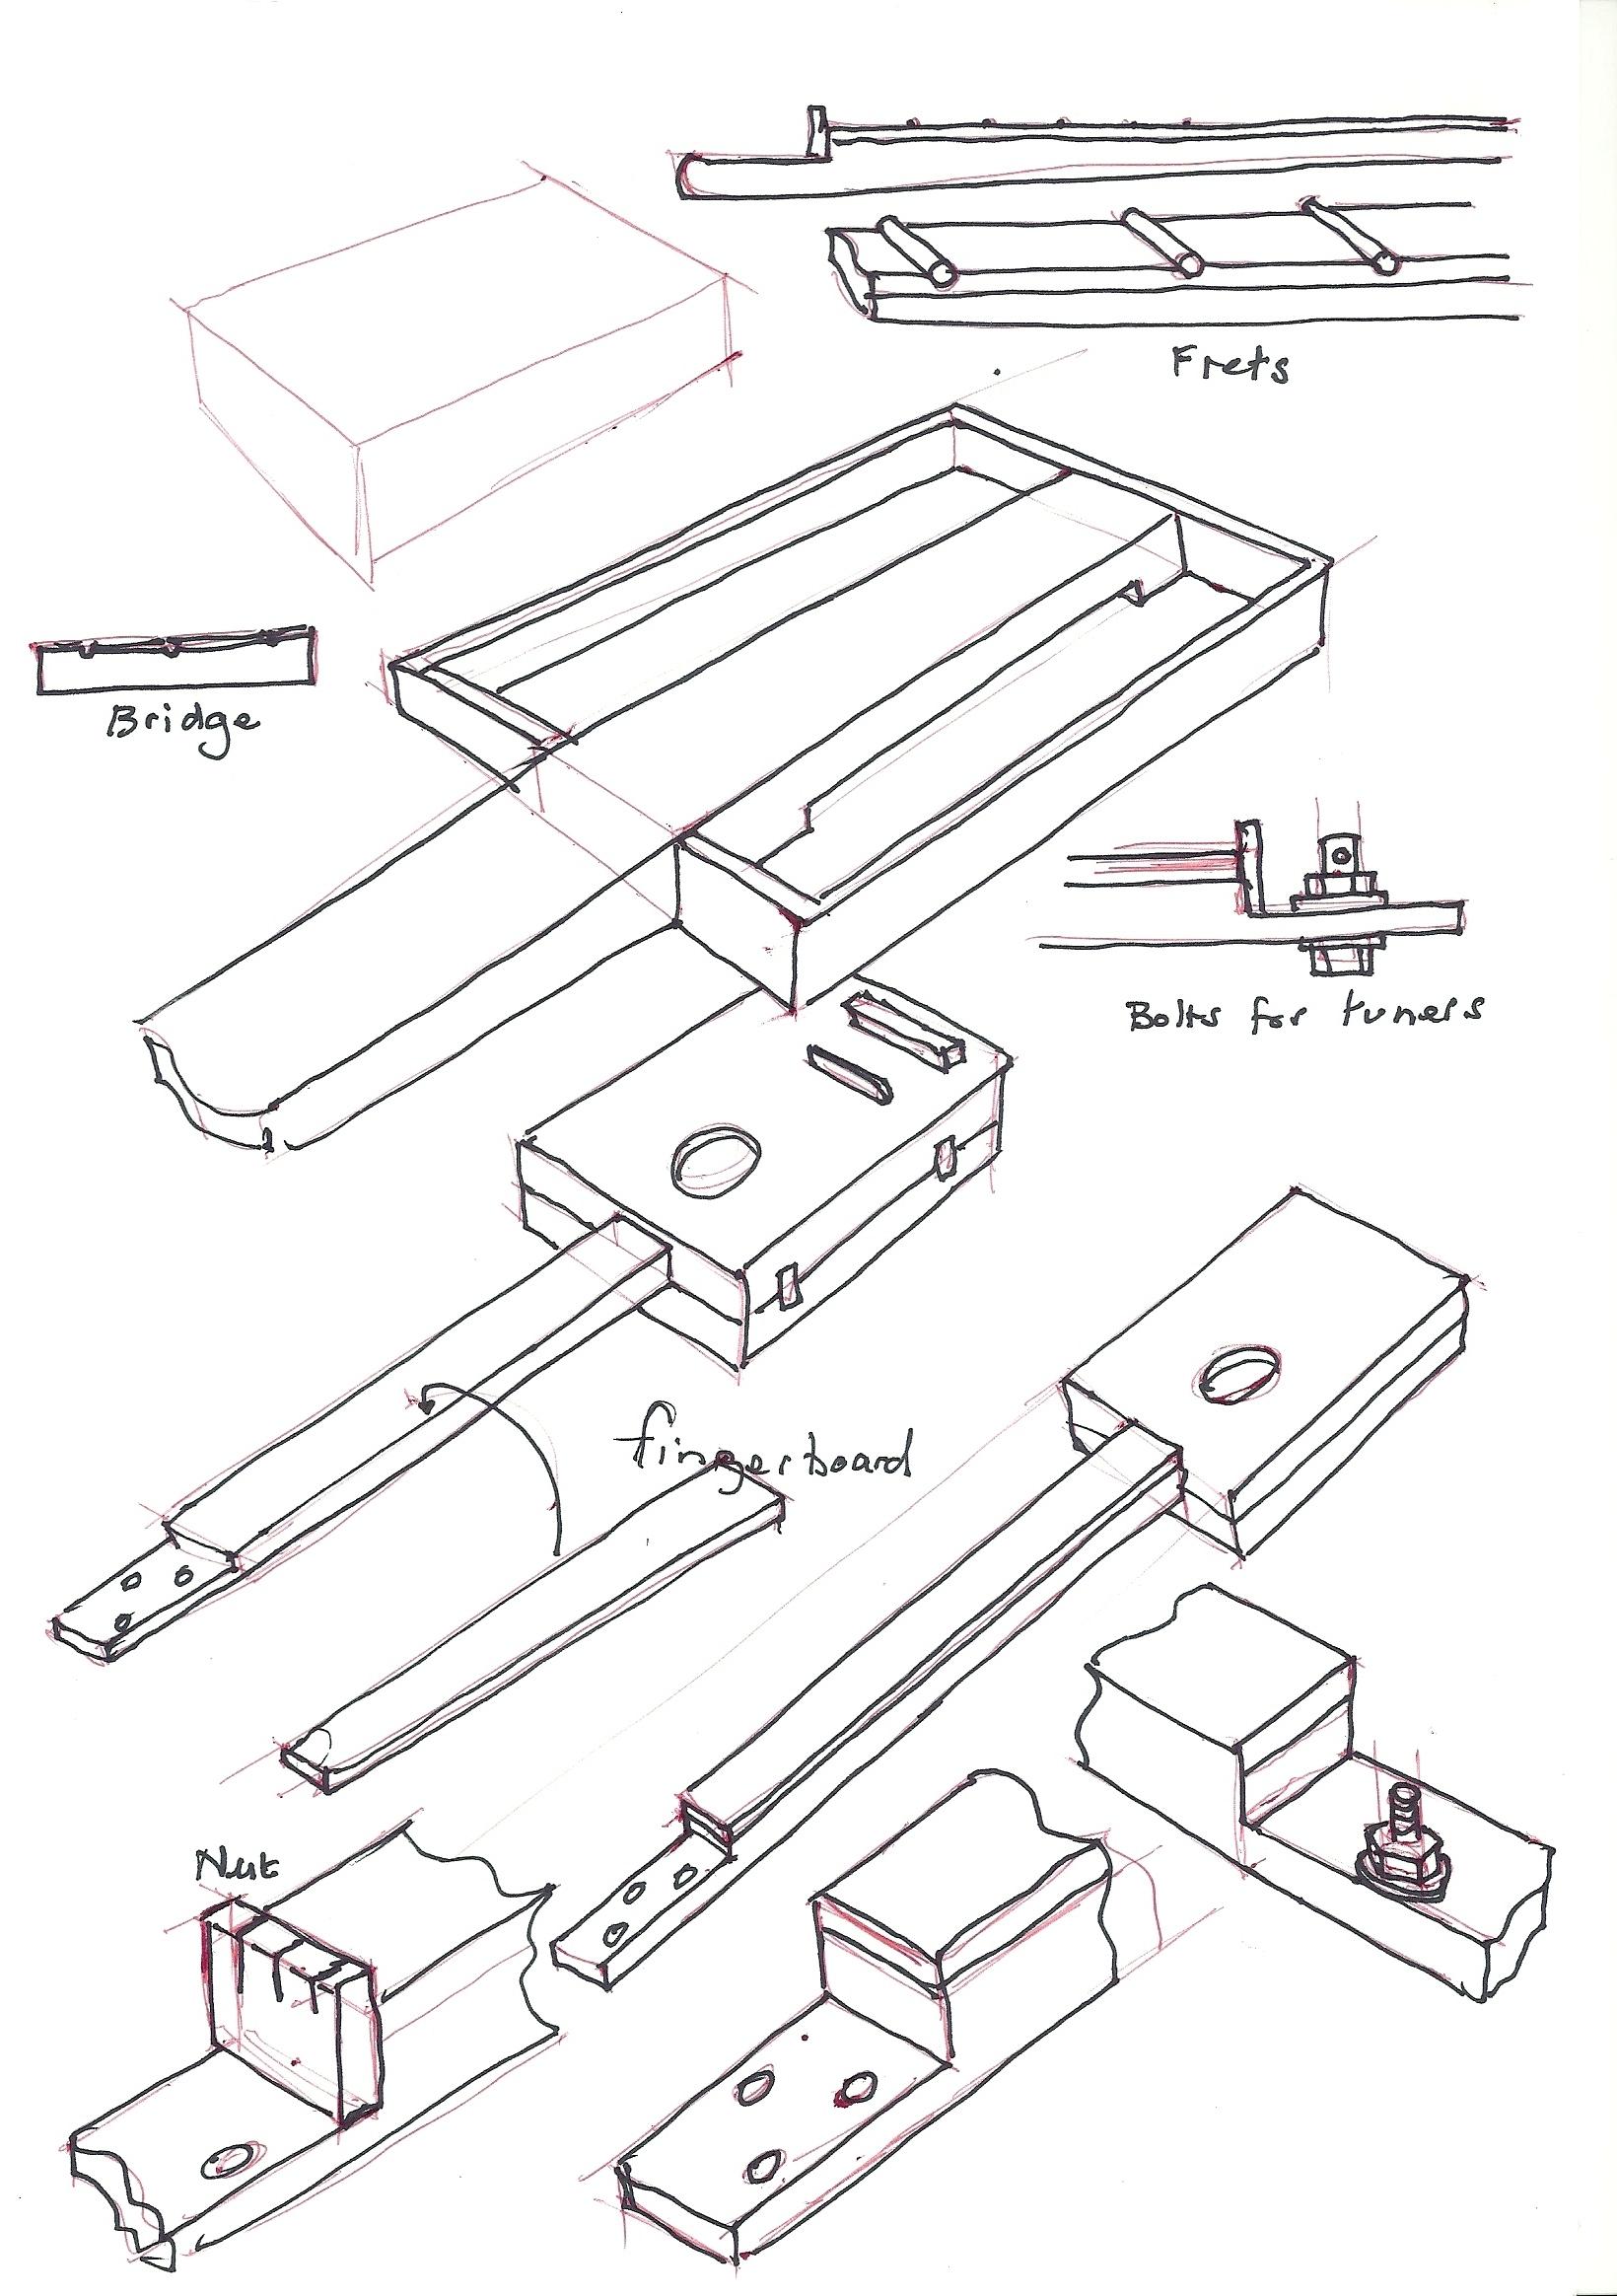 Nice wiring diagram for polaris ranger 800 xp contemporary